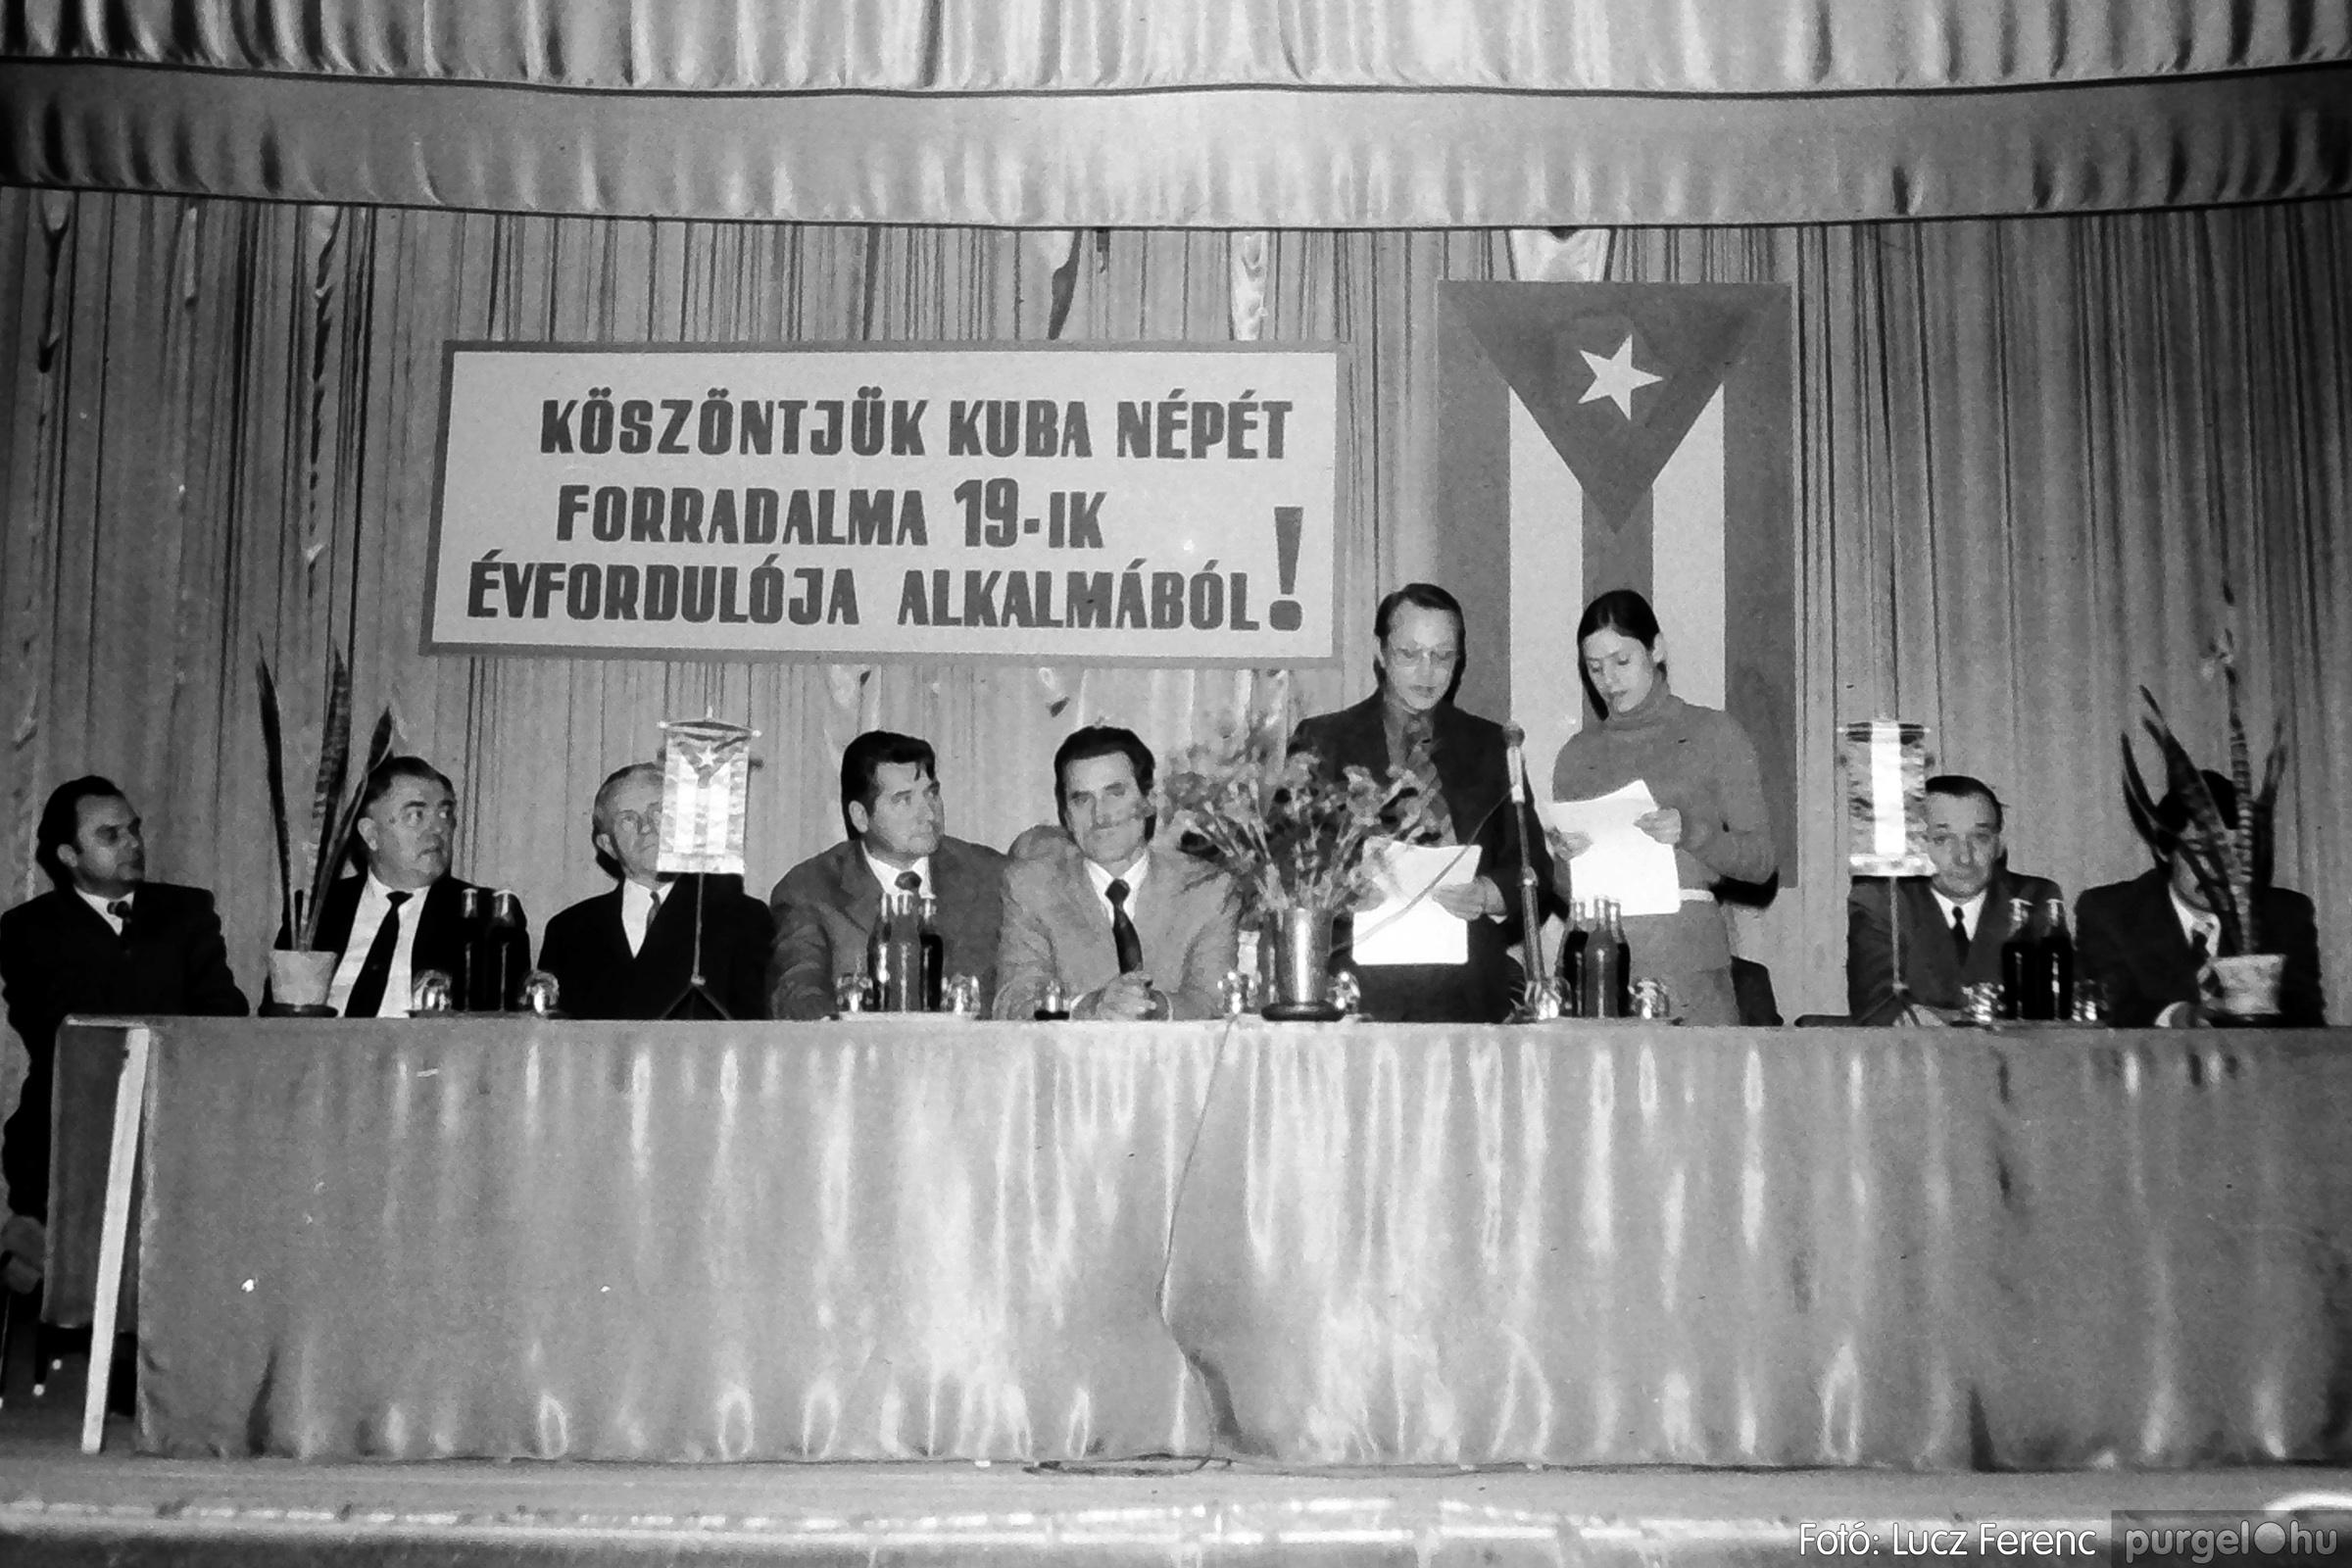 100. 1978. Köszöntjük Kuba népét! 006. - Fotó: Lucz Ferenc.jpg